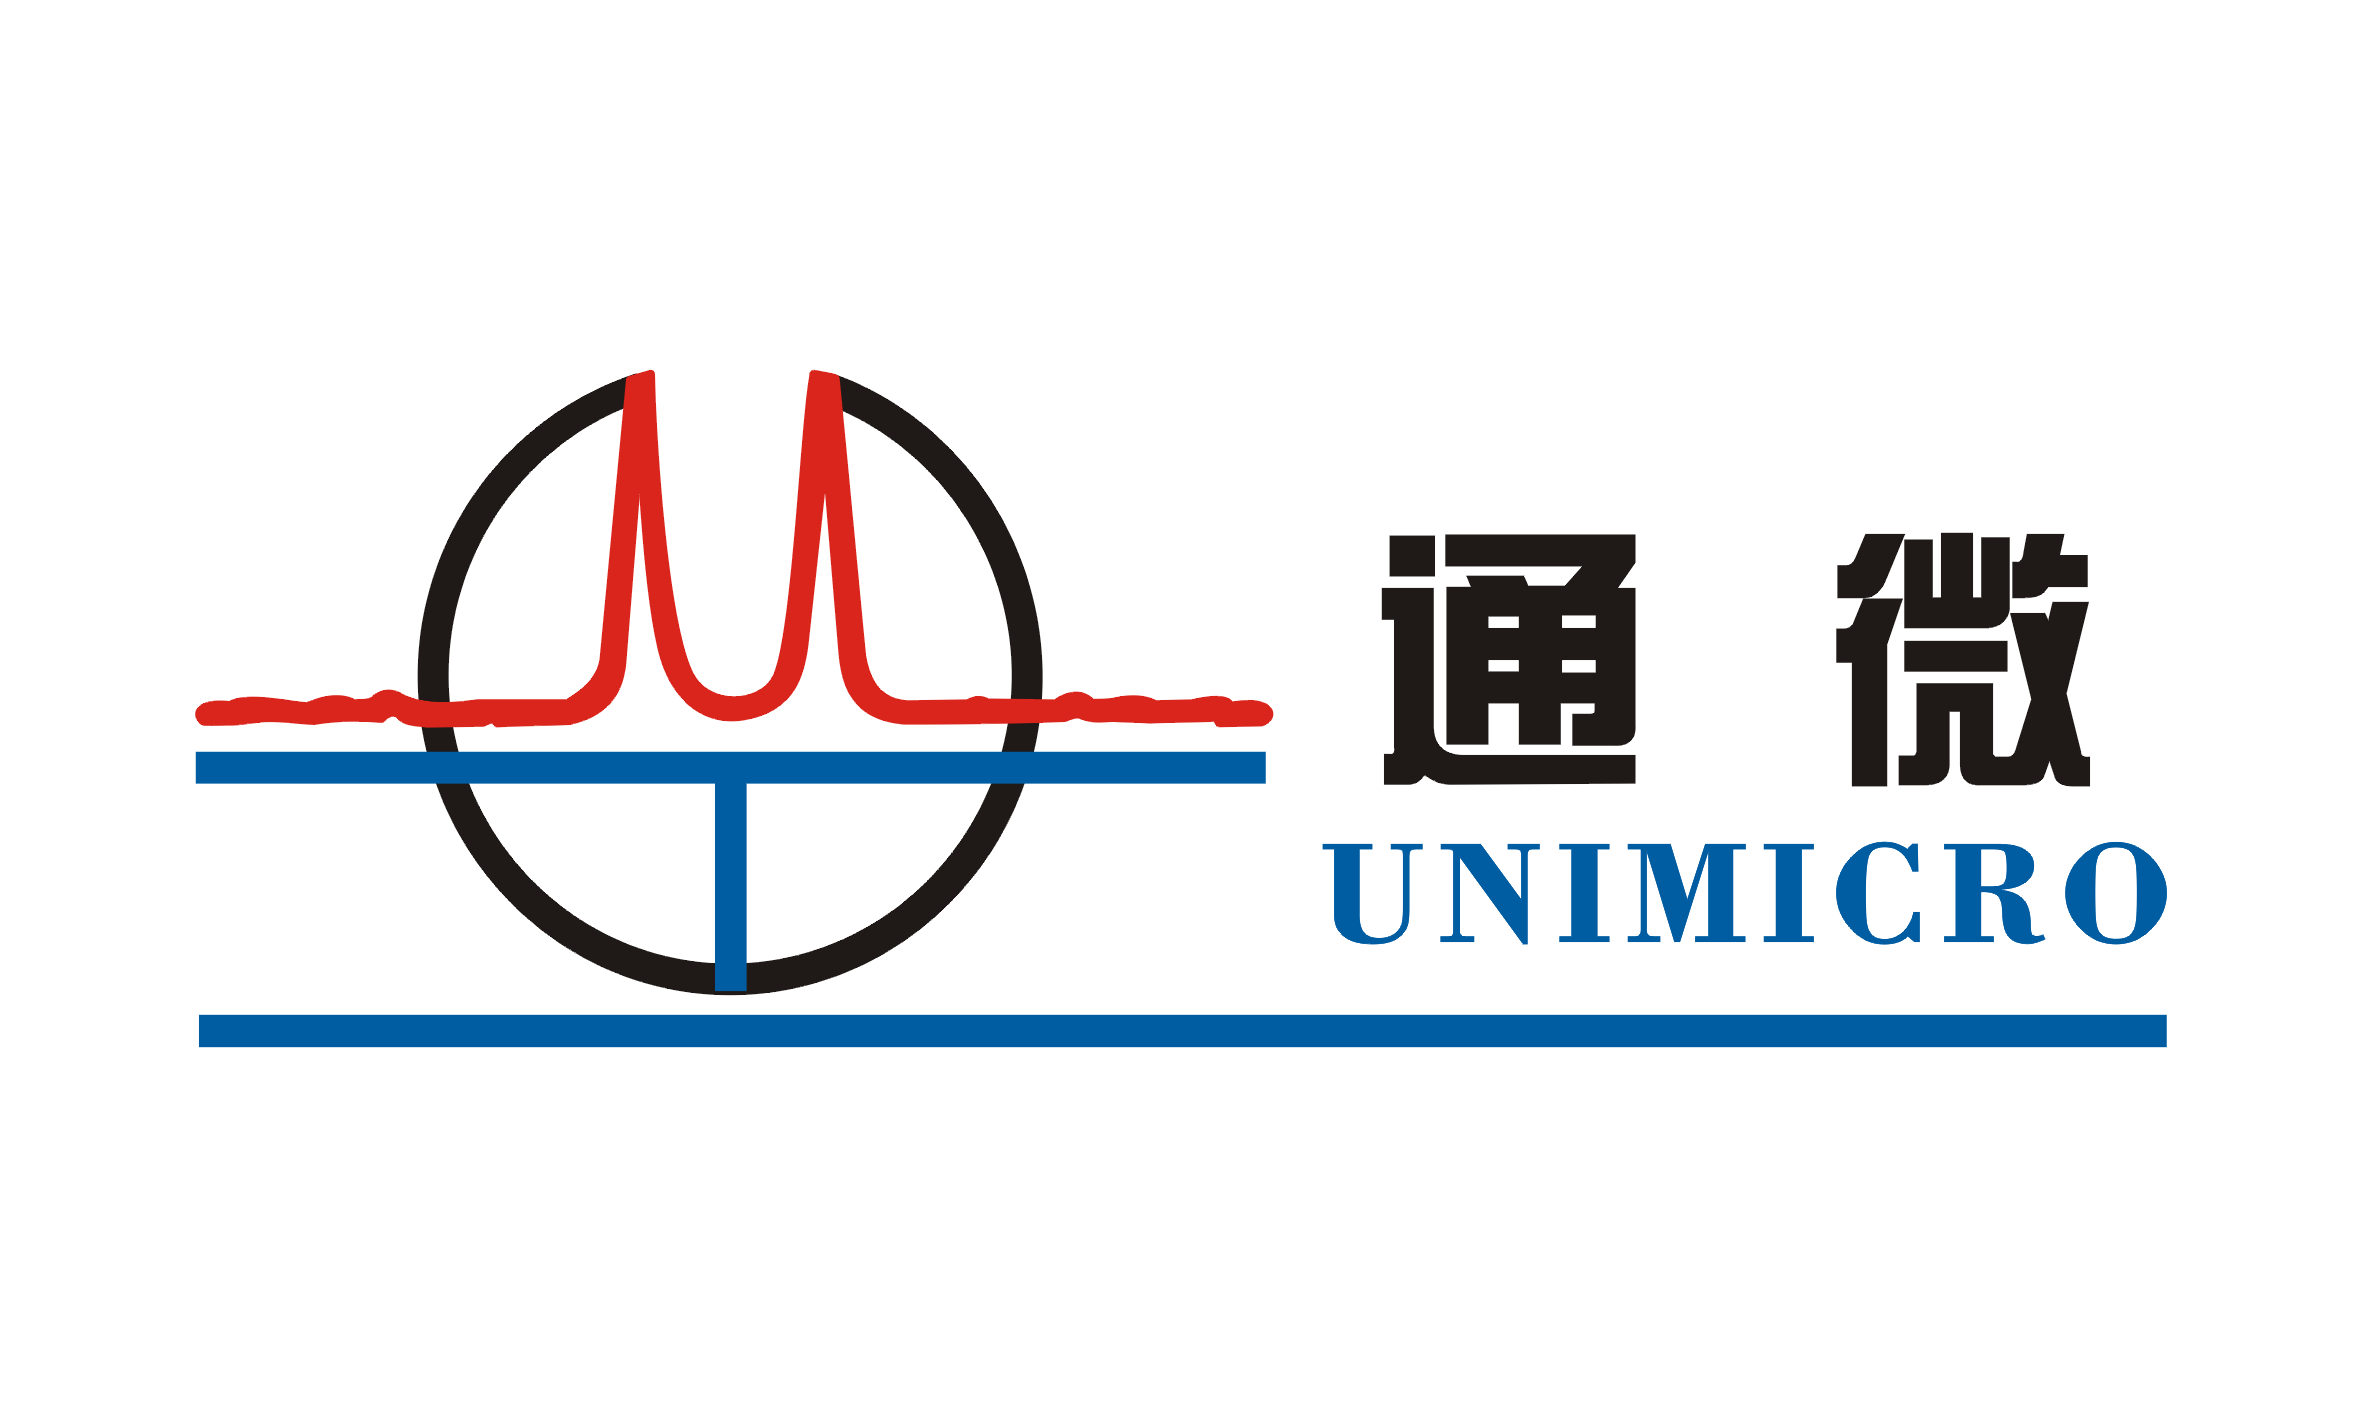 上海通微分析技术有限公司